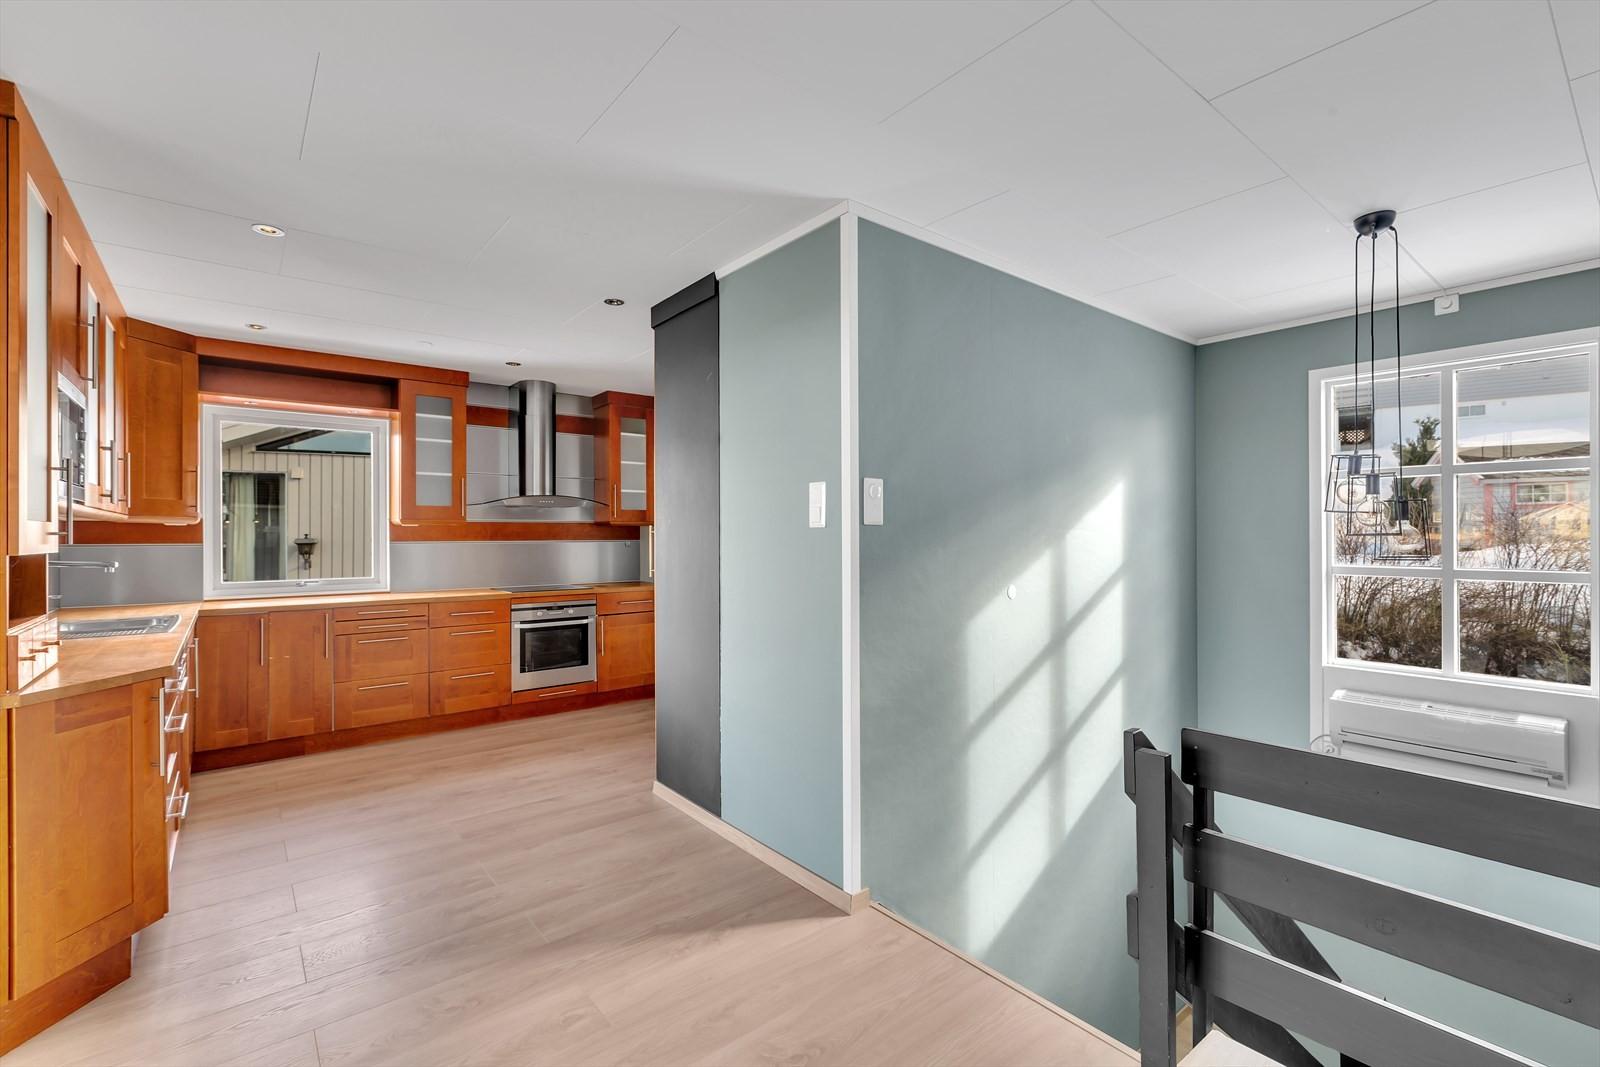 Trappa kommer opp i stue/kjøkken. Varmepumpe montert i trappa.